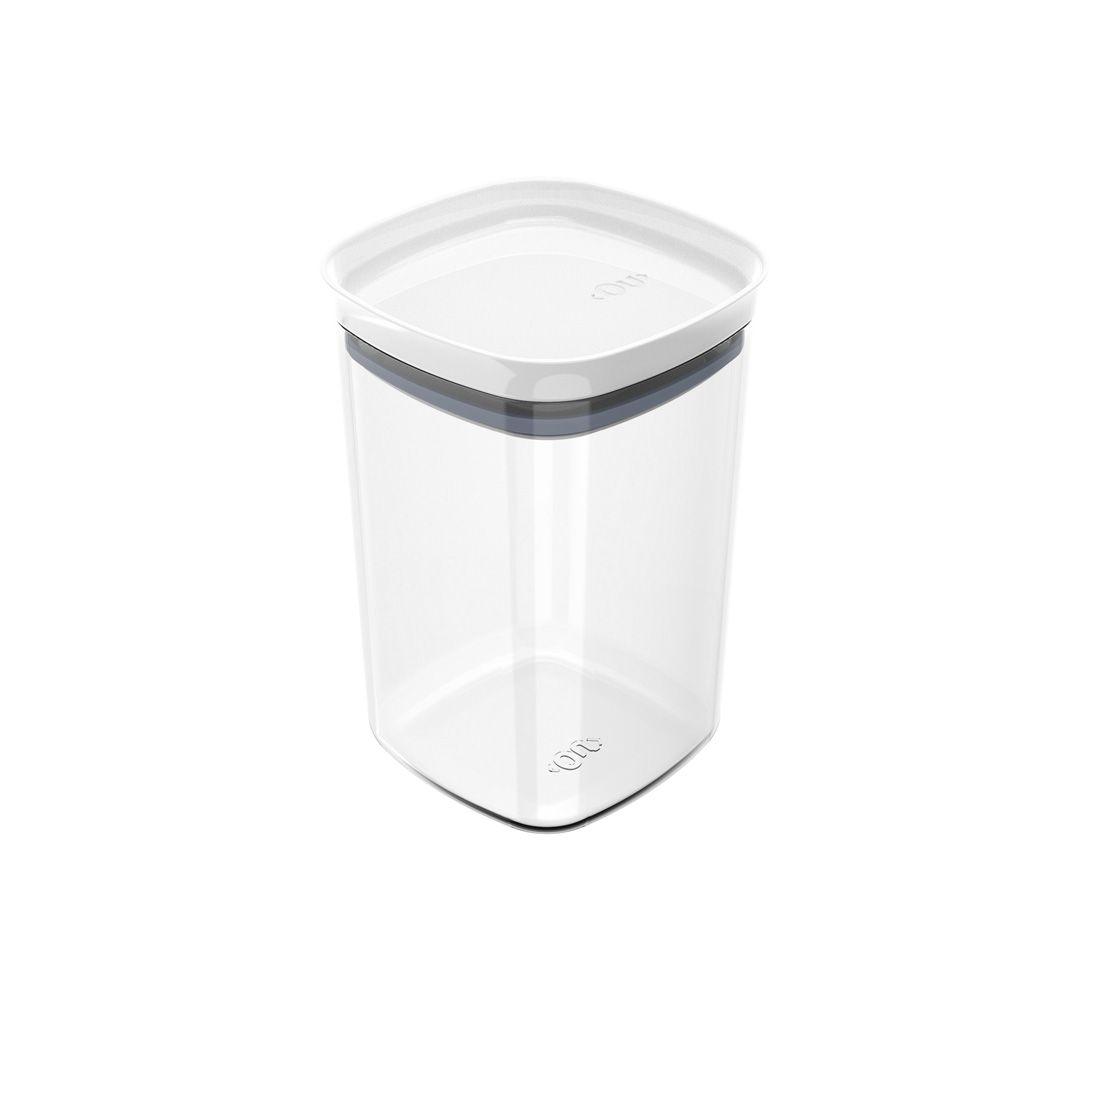 Pote 1L de Plástico com Tampa Hermética Block Branco